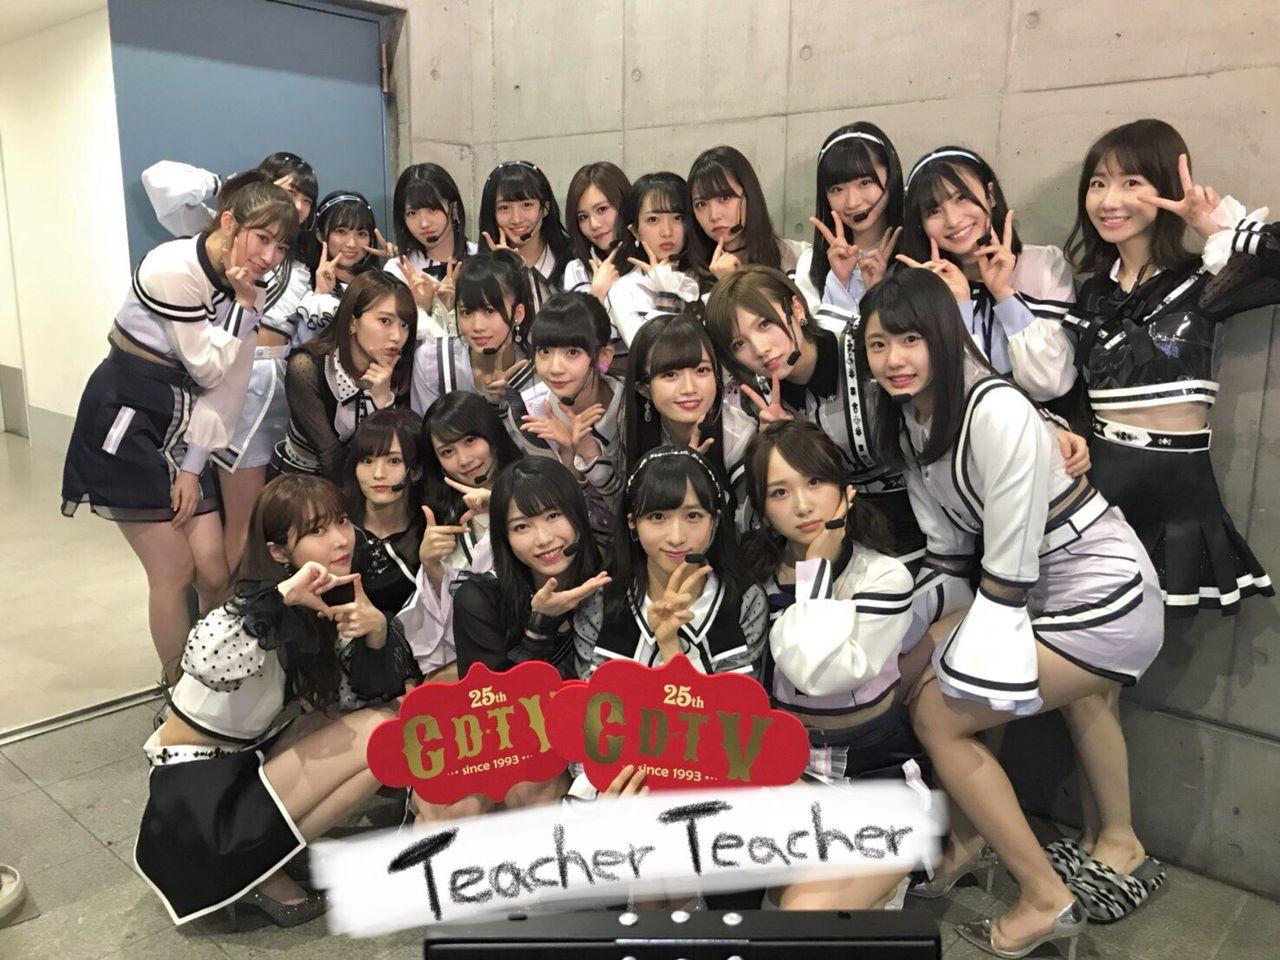 https://i1.wp.com/livedoor.Blogimg.jp/sasuga801-koukokugyoukai/imgs/c/9/c945a733.jpg